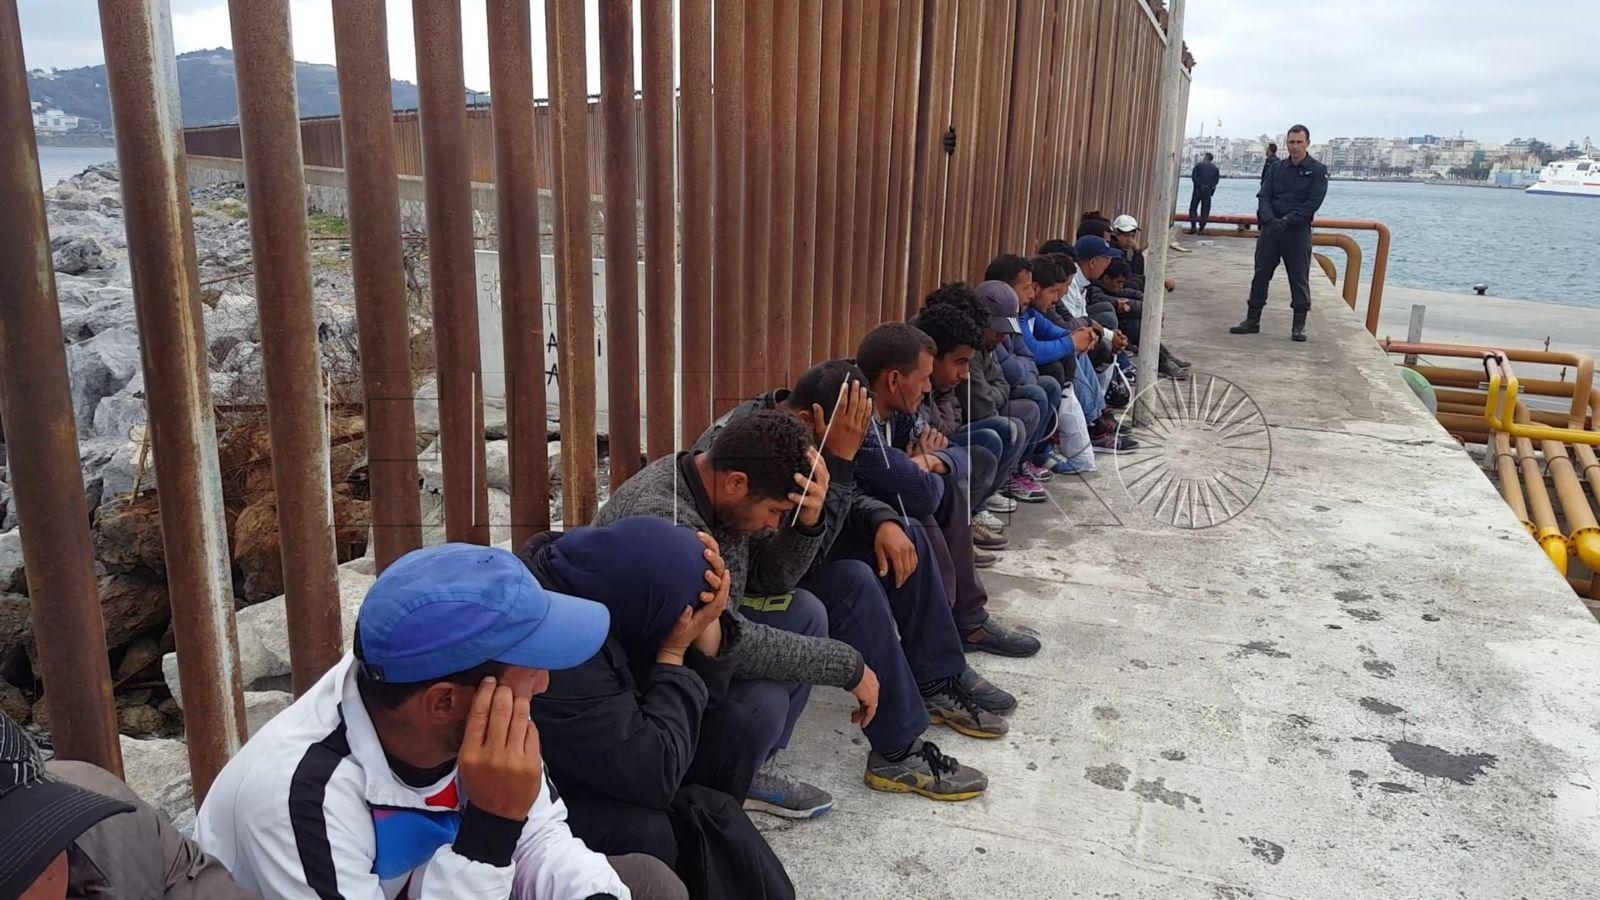 Los GRS de la Guardia Civil interceptan a 21 inmigrantes en el muelle de Poniente